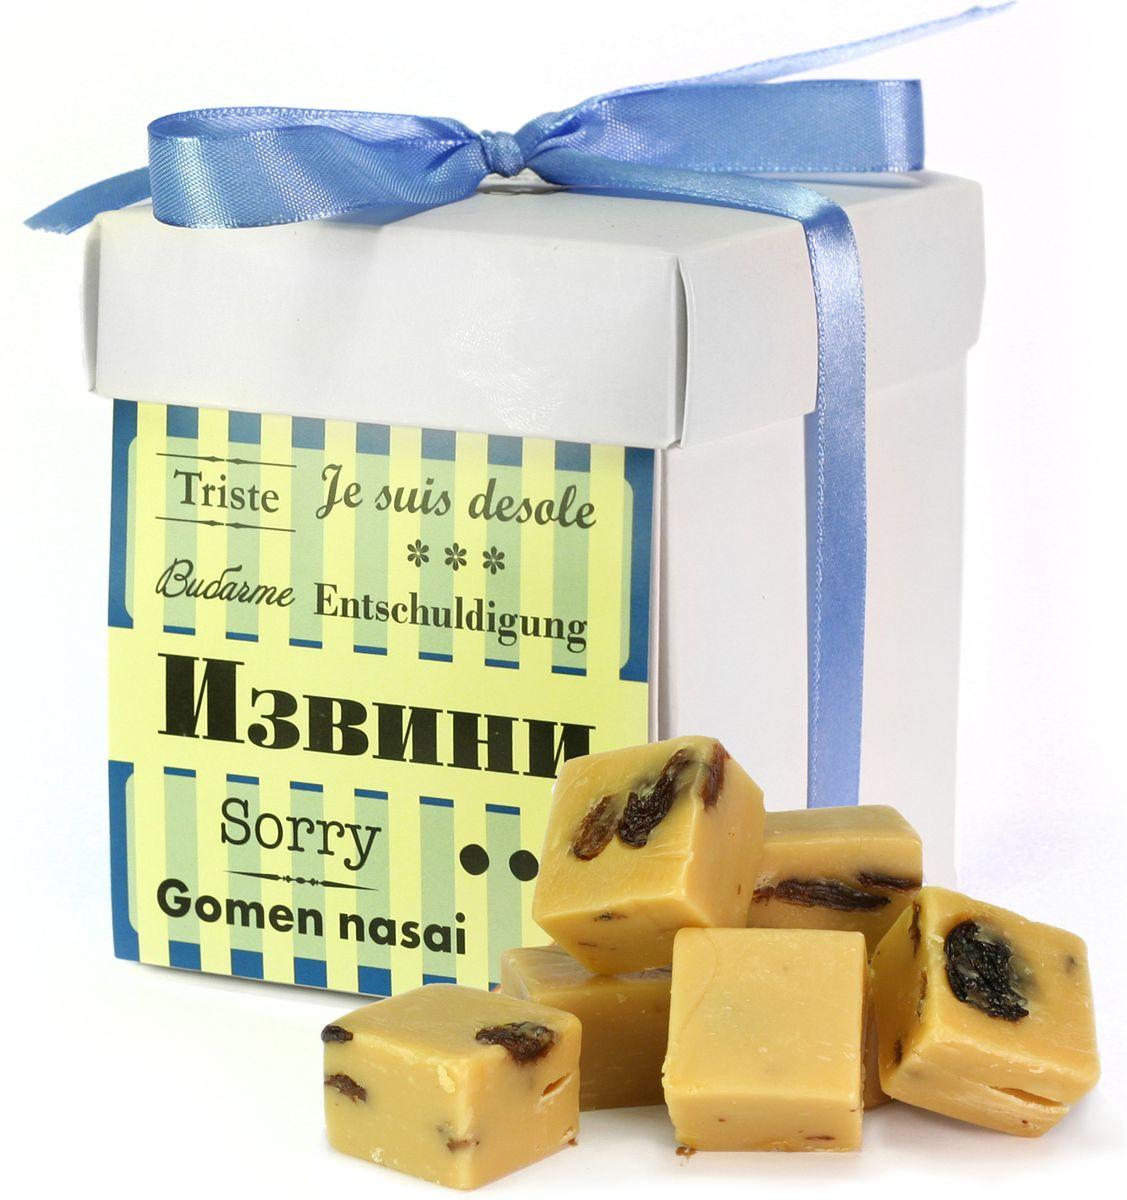 Конфеты Вкусная помощь Извини, 125 г4640000276300Конфеты Извини - это мягкий ирис со вкусом ром-изюм. Коробка конфет, являющаяся гарантией прощения! Эти вкусные конфеты помогут вам сказать извини на множестве языков мира.